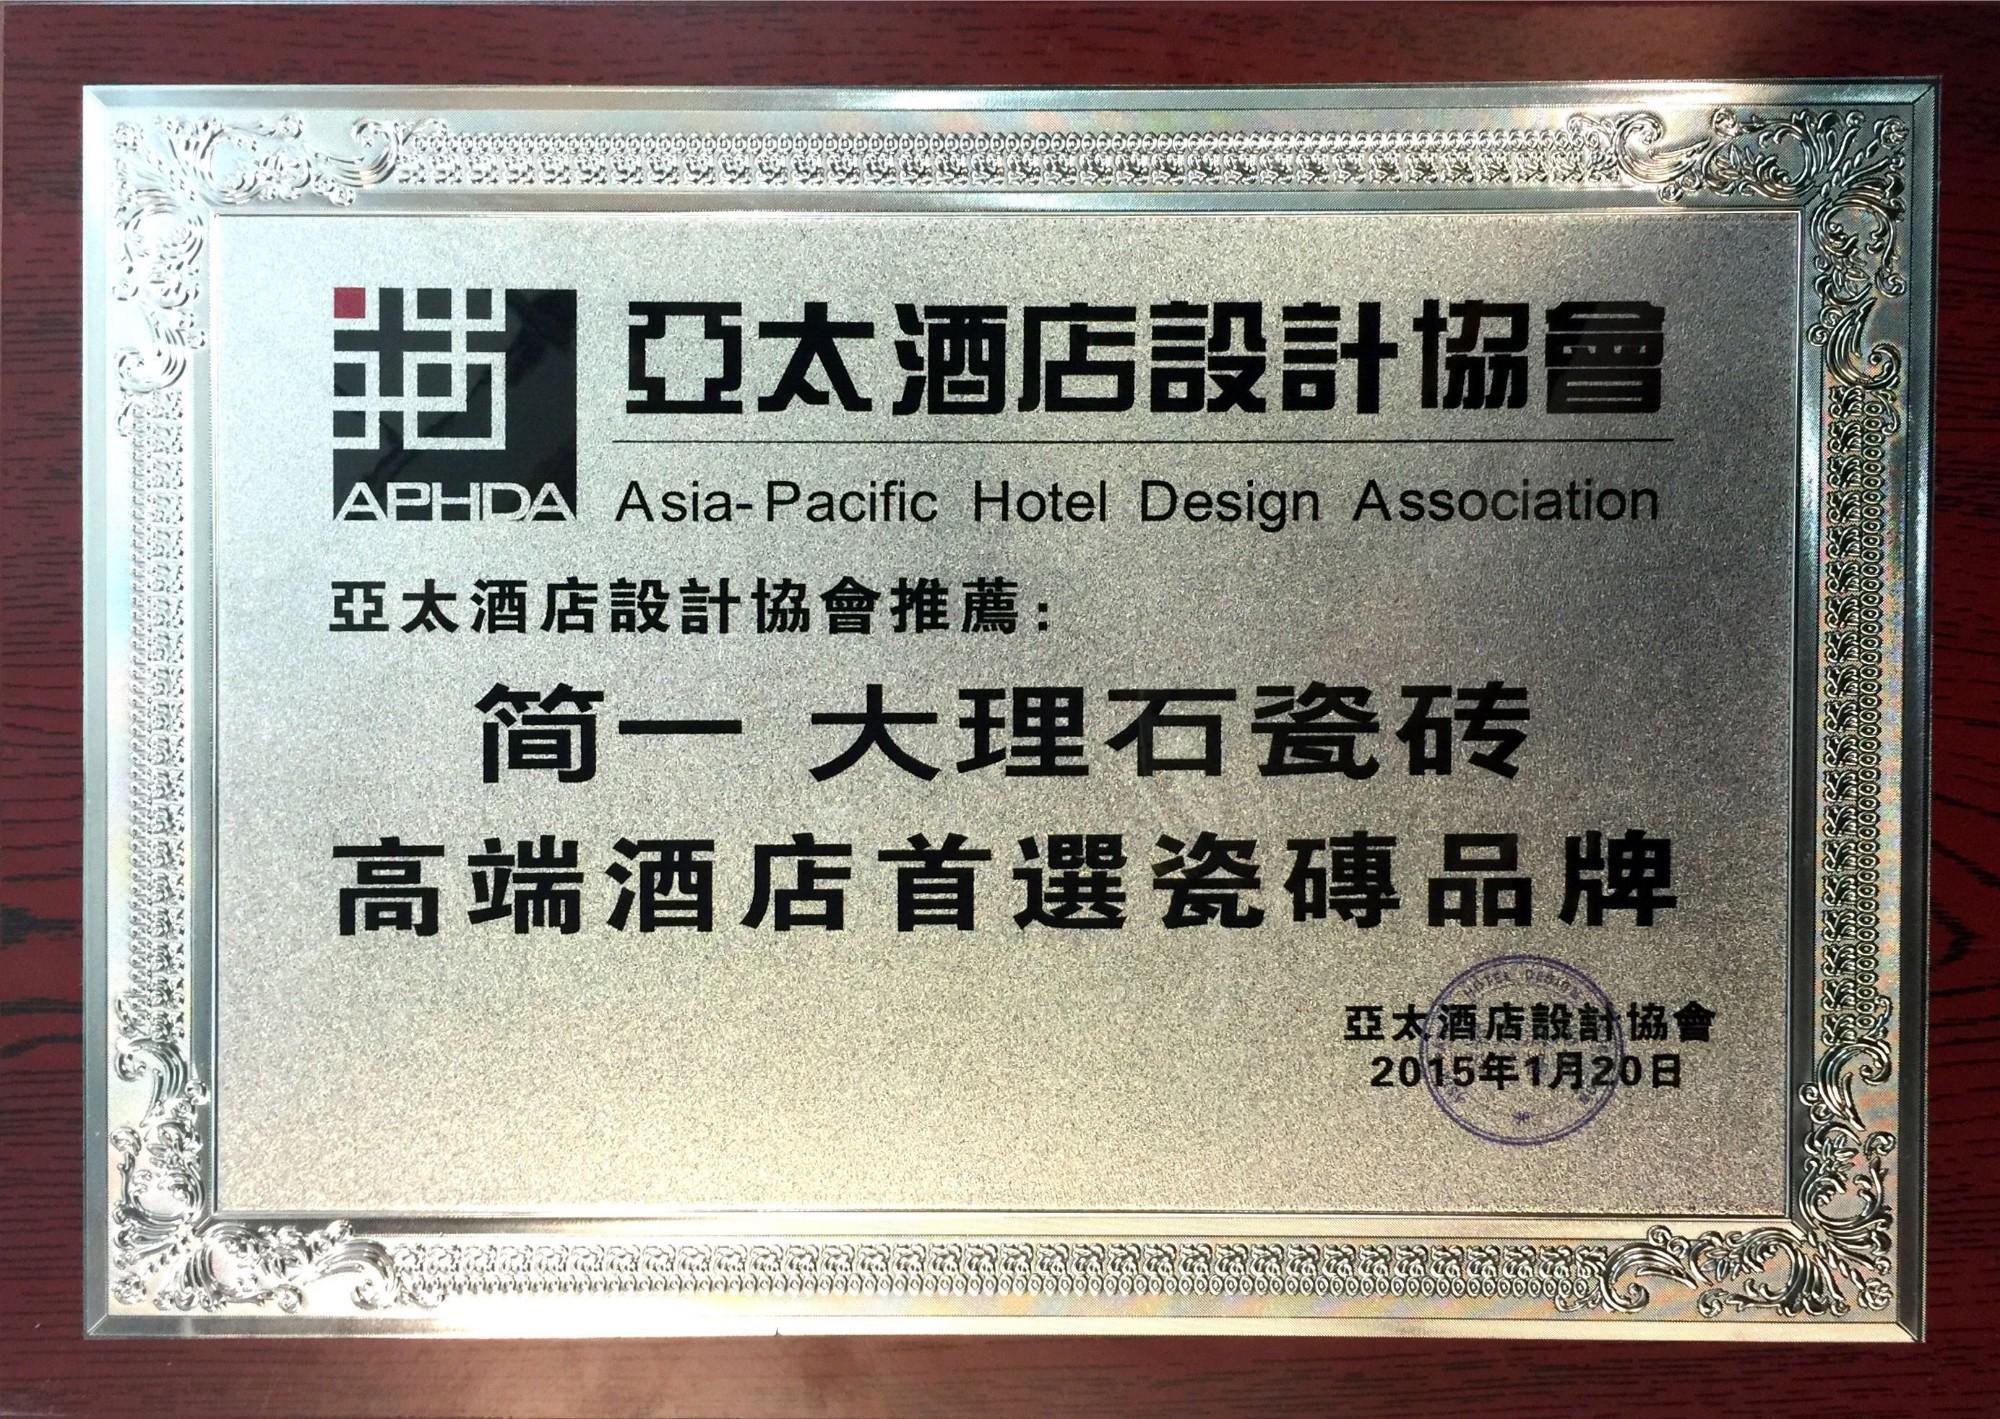 แบรนด์ที่ต้องการสำหรับโรงแรมหรูที่ได้รับรางวัลจากสมาคมออกแบบโรงแรมแห่งเอเชีย